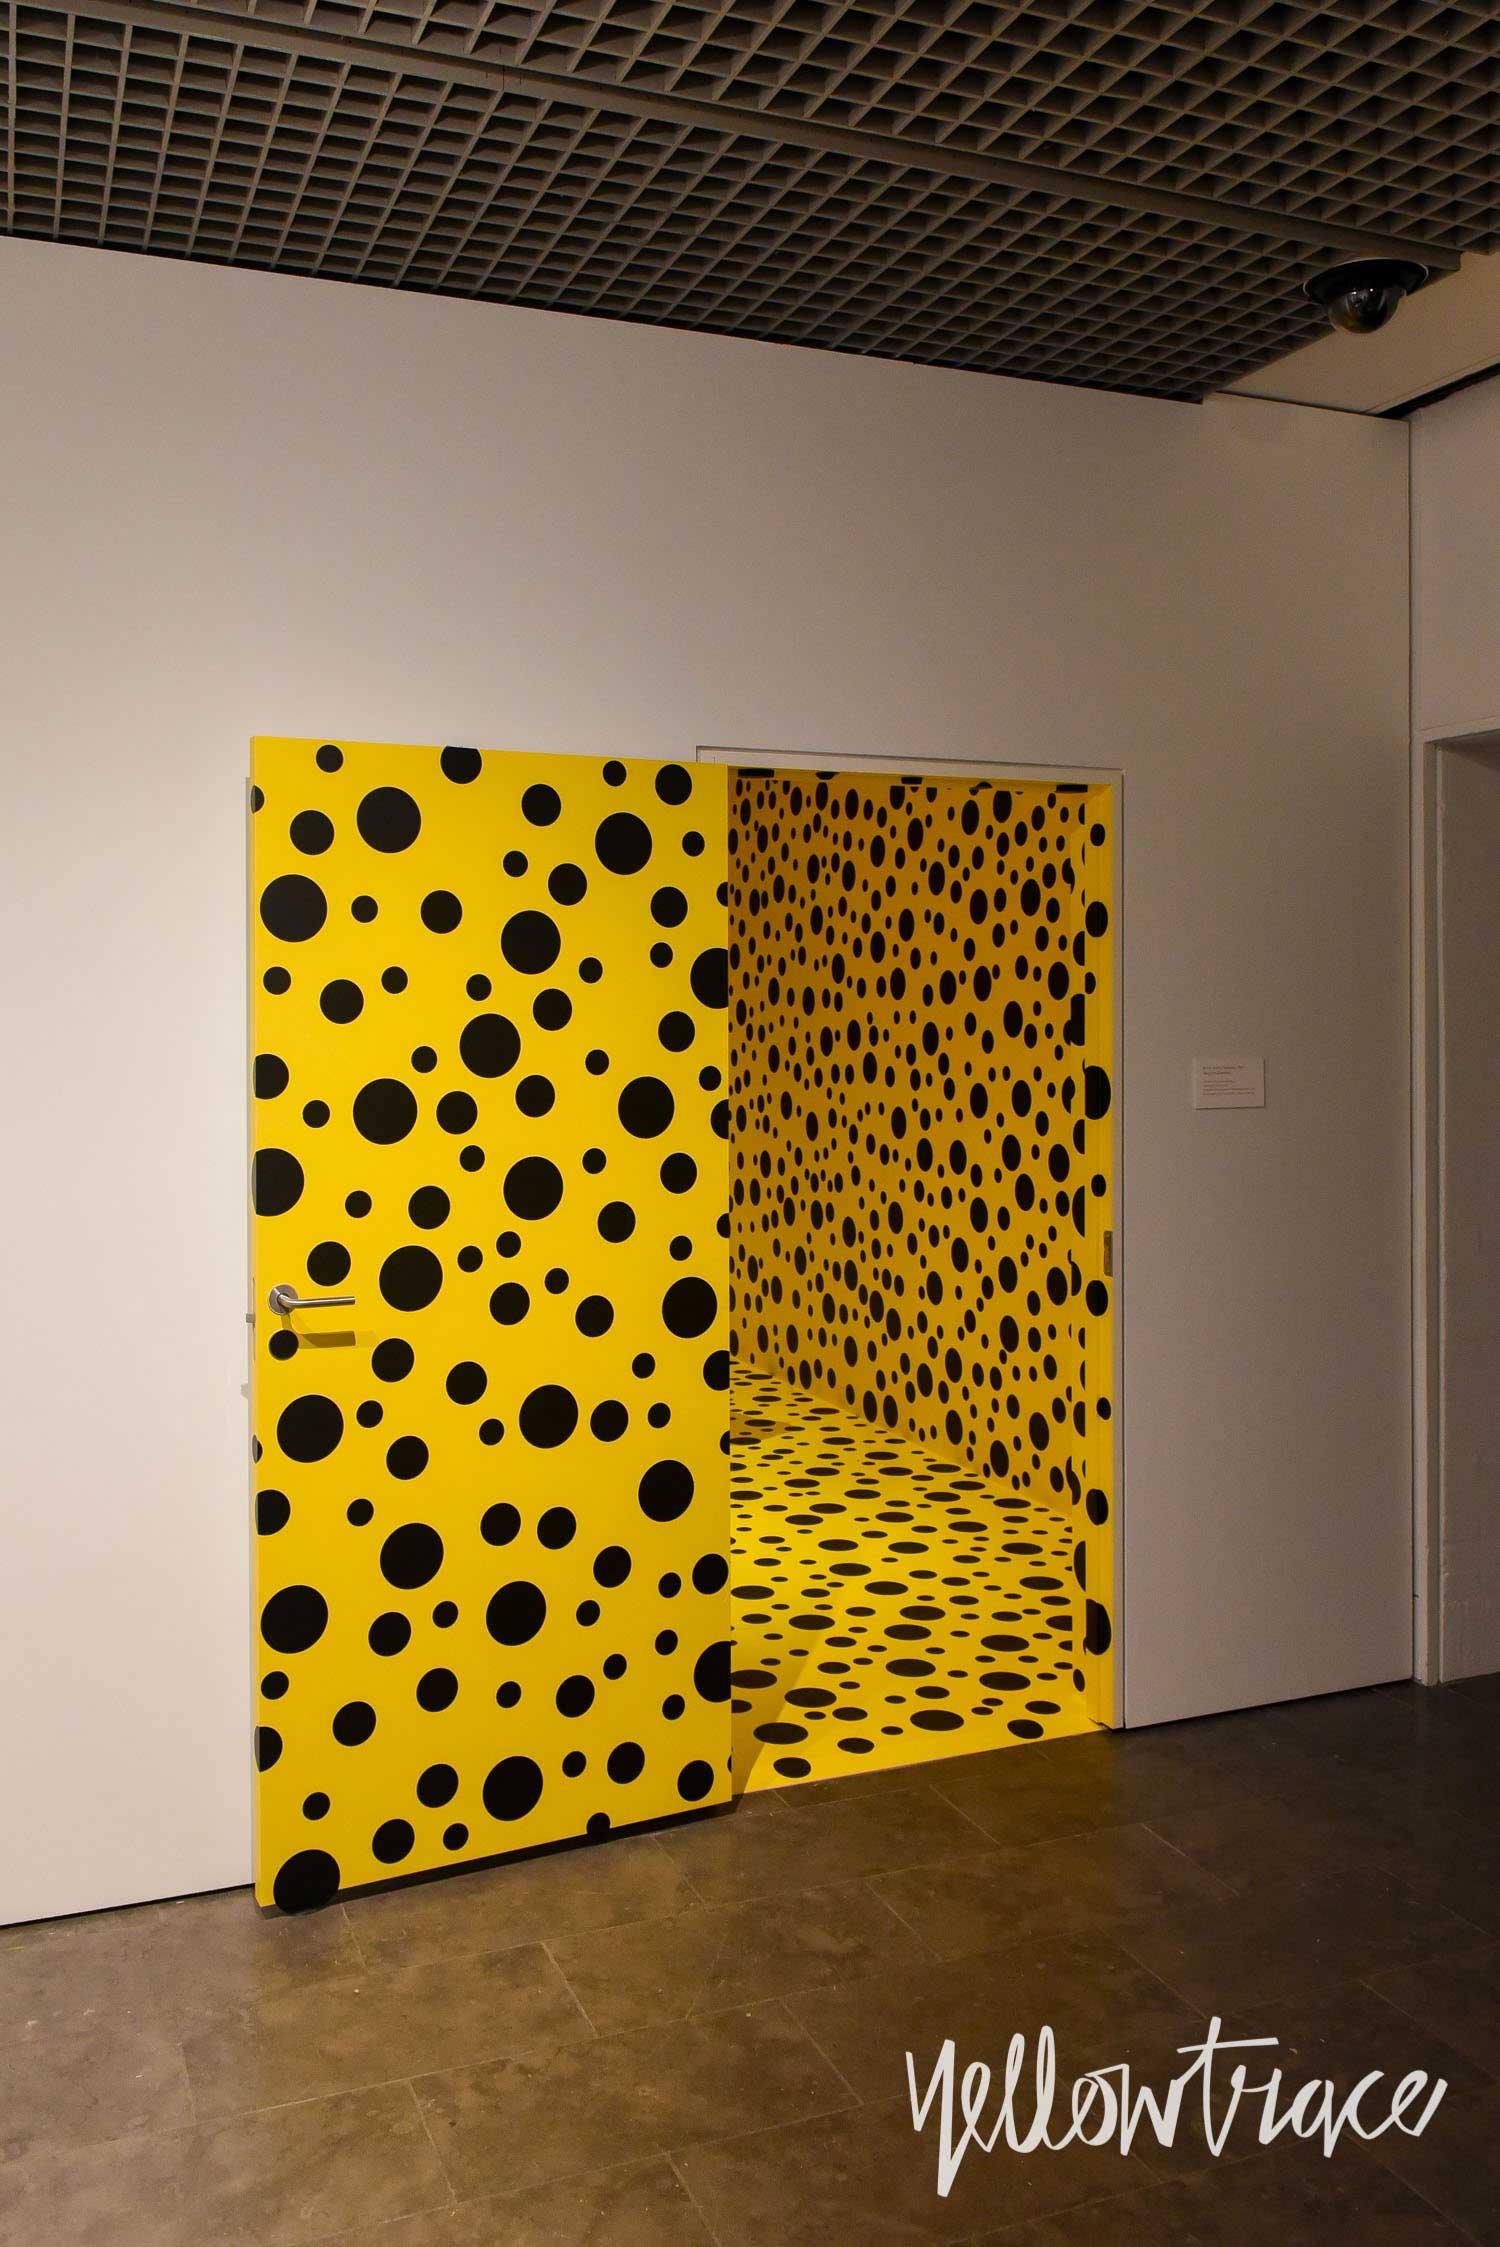 Yayoi Kusama at Louisiana Museum of Modern Art | Yellowtrace